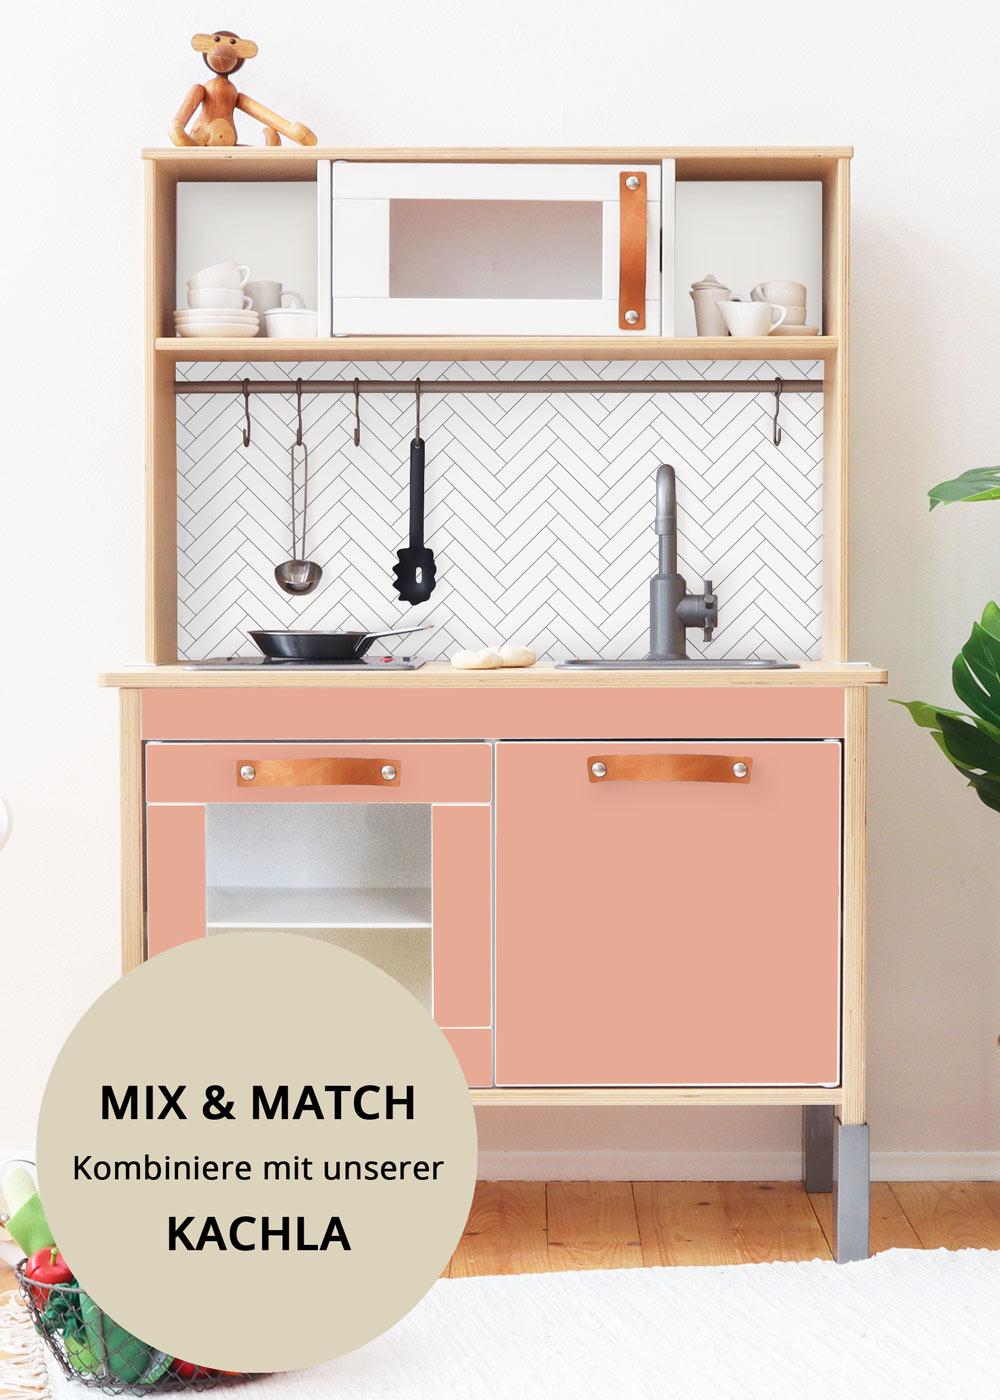 Ikea Duktig Kinderküche Frontli Rosa Frontansicht klein